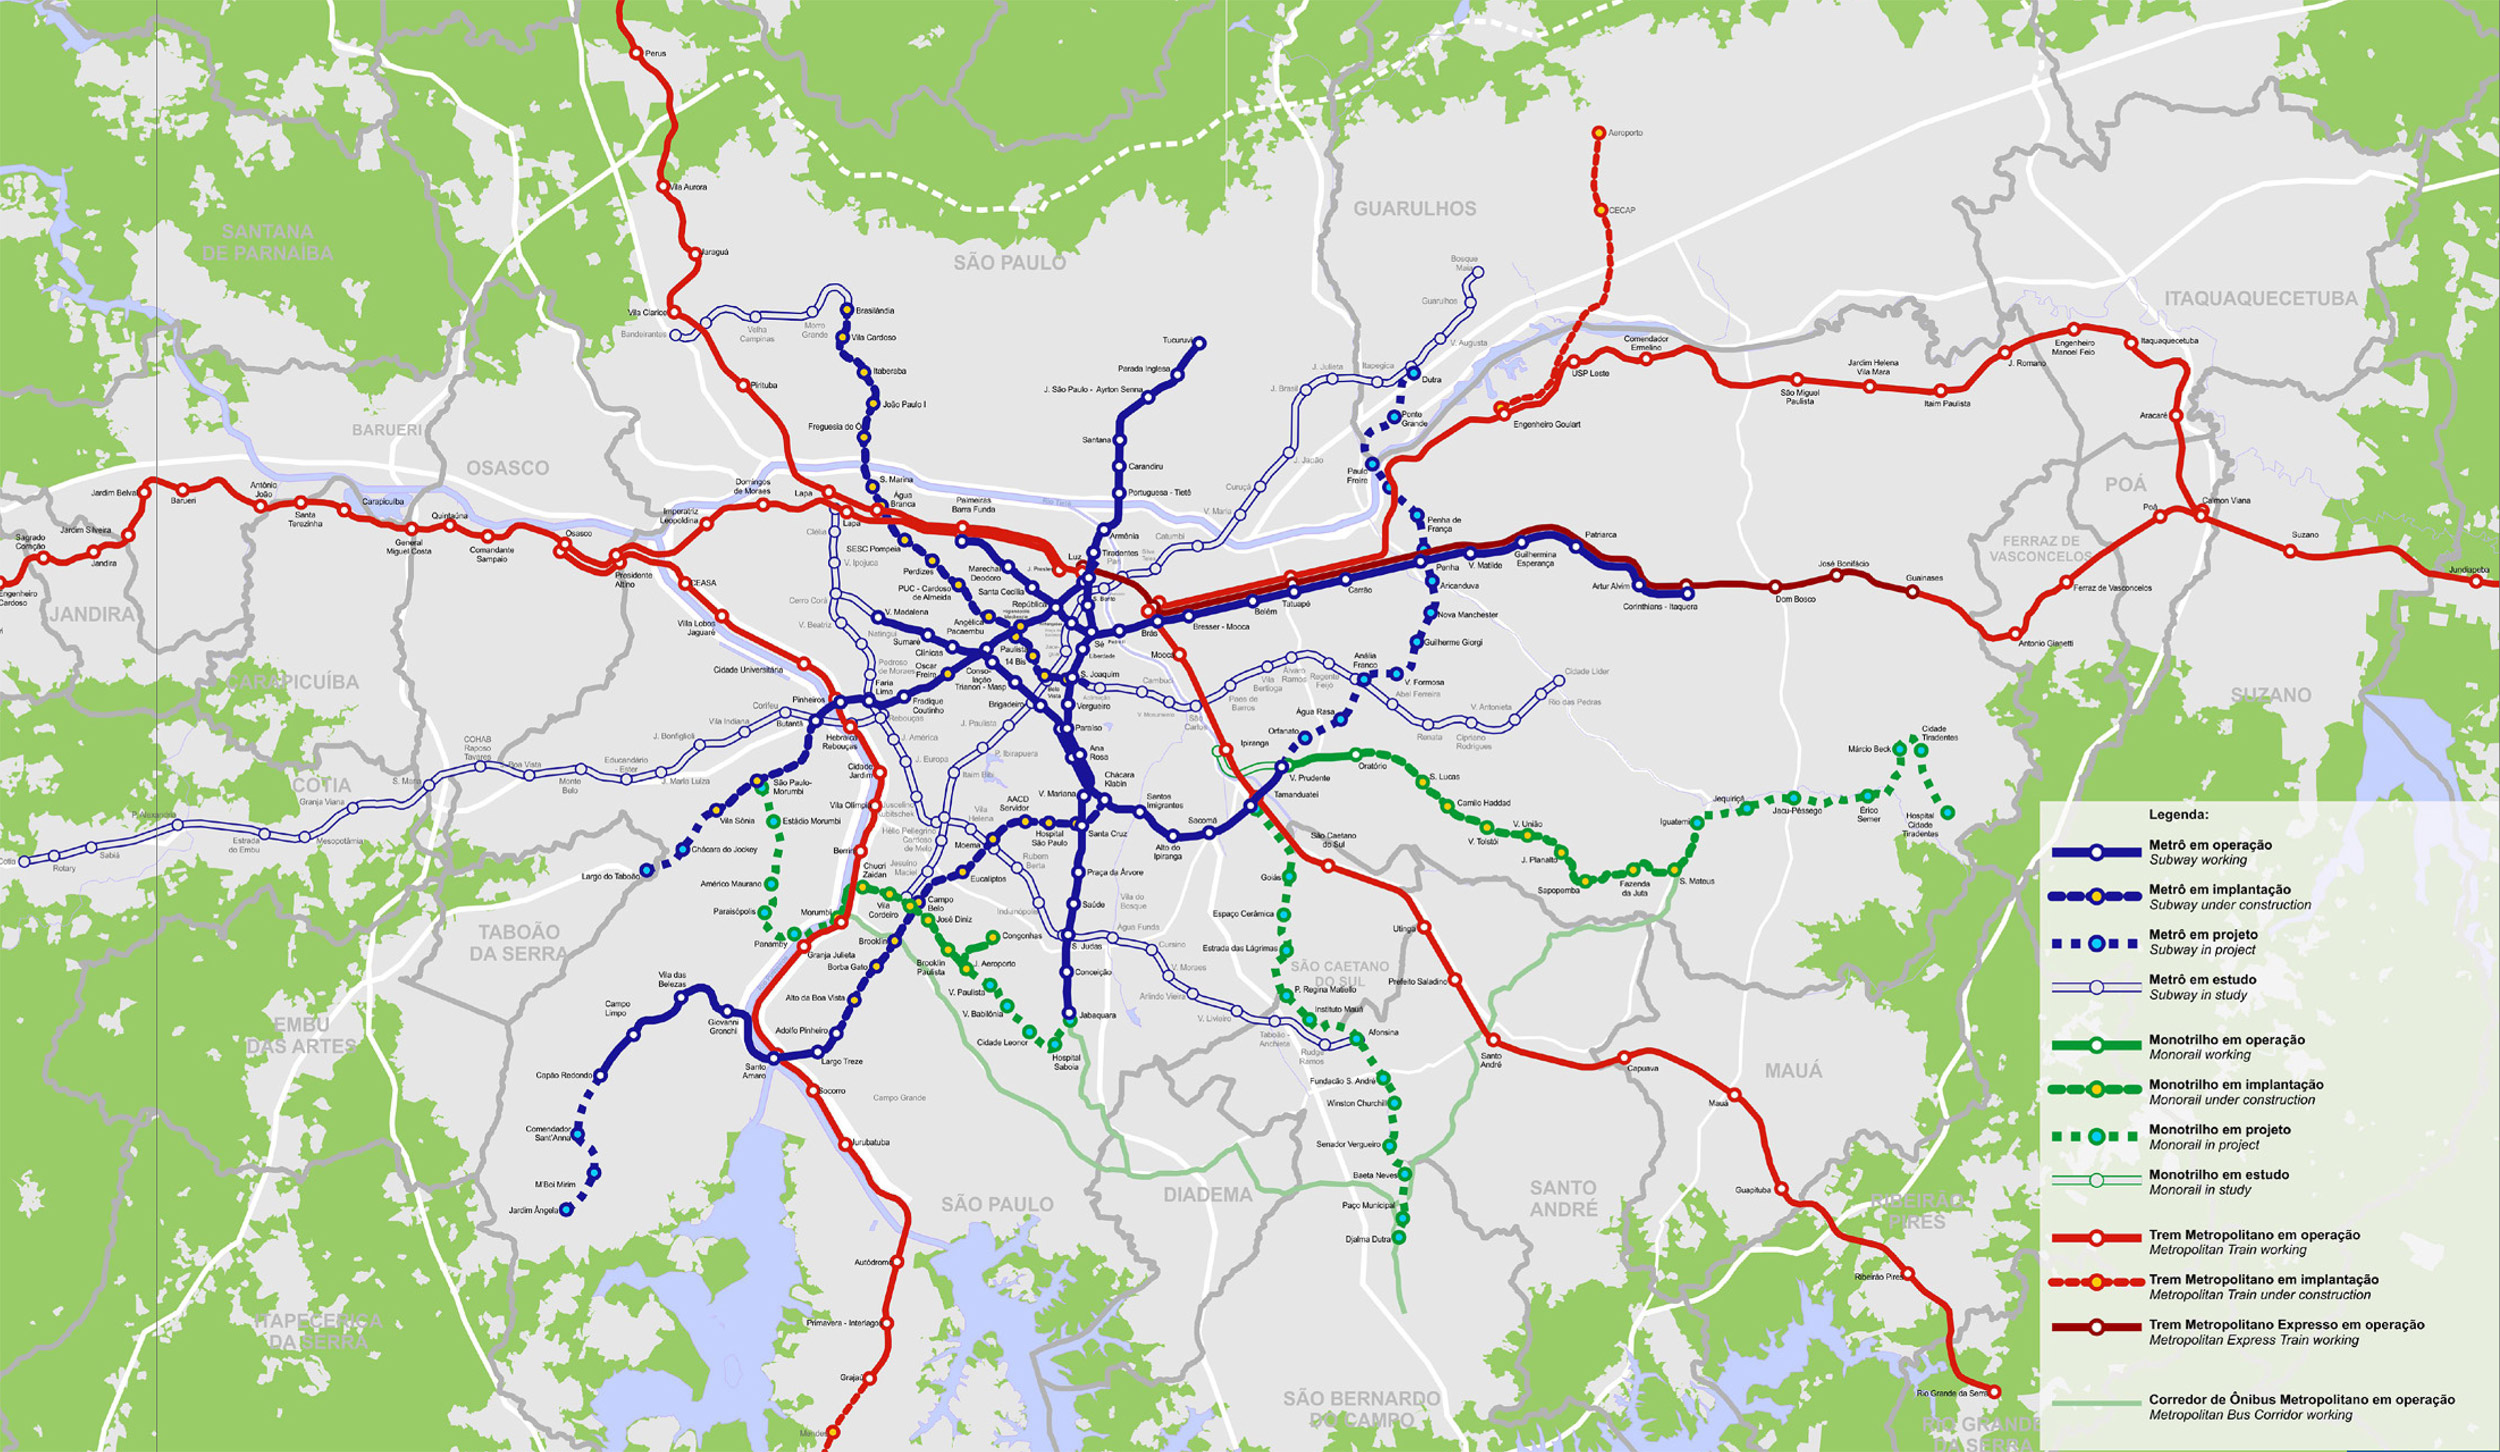 Mapa com os planos do Metrô publicado no Relatório de Sustentabilidade 2014